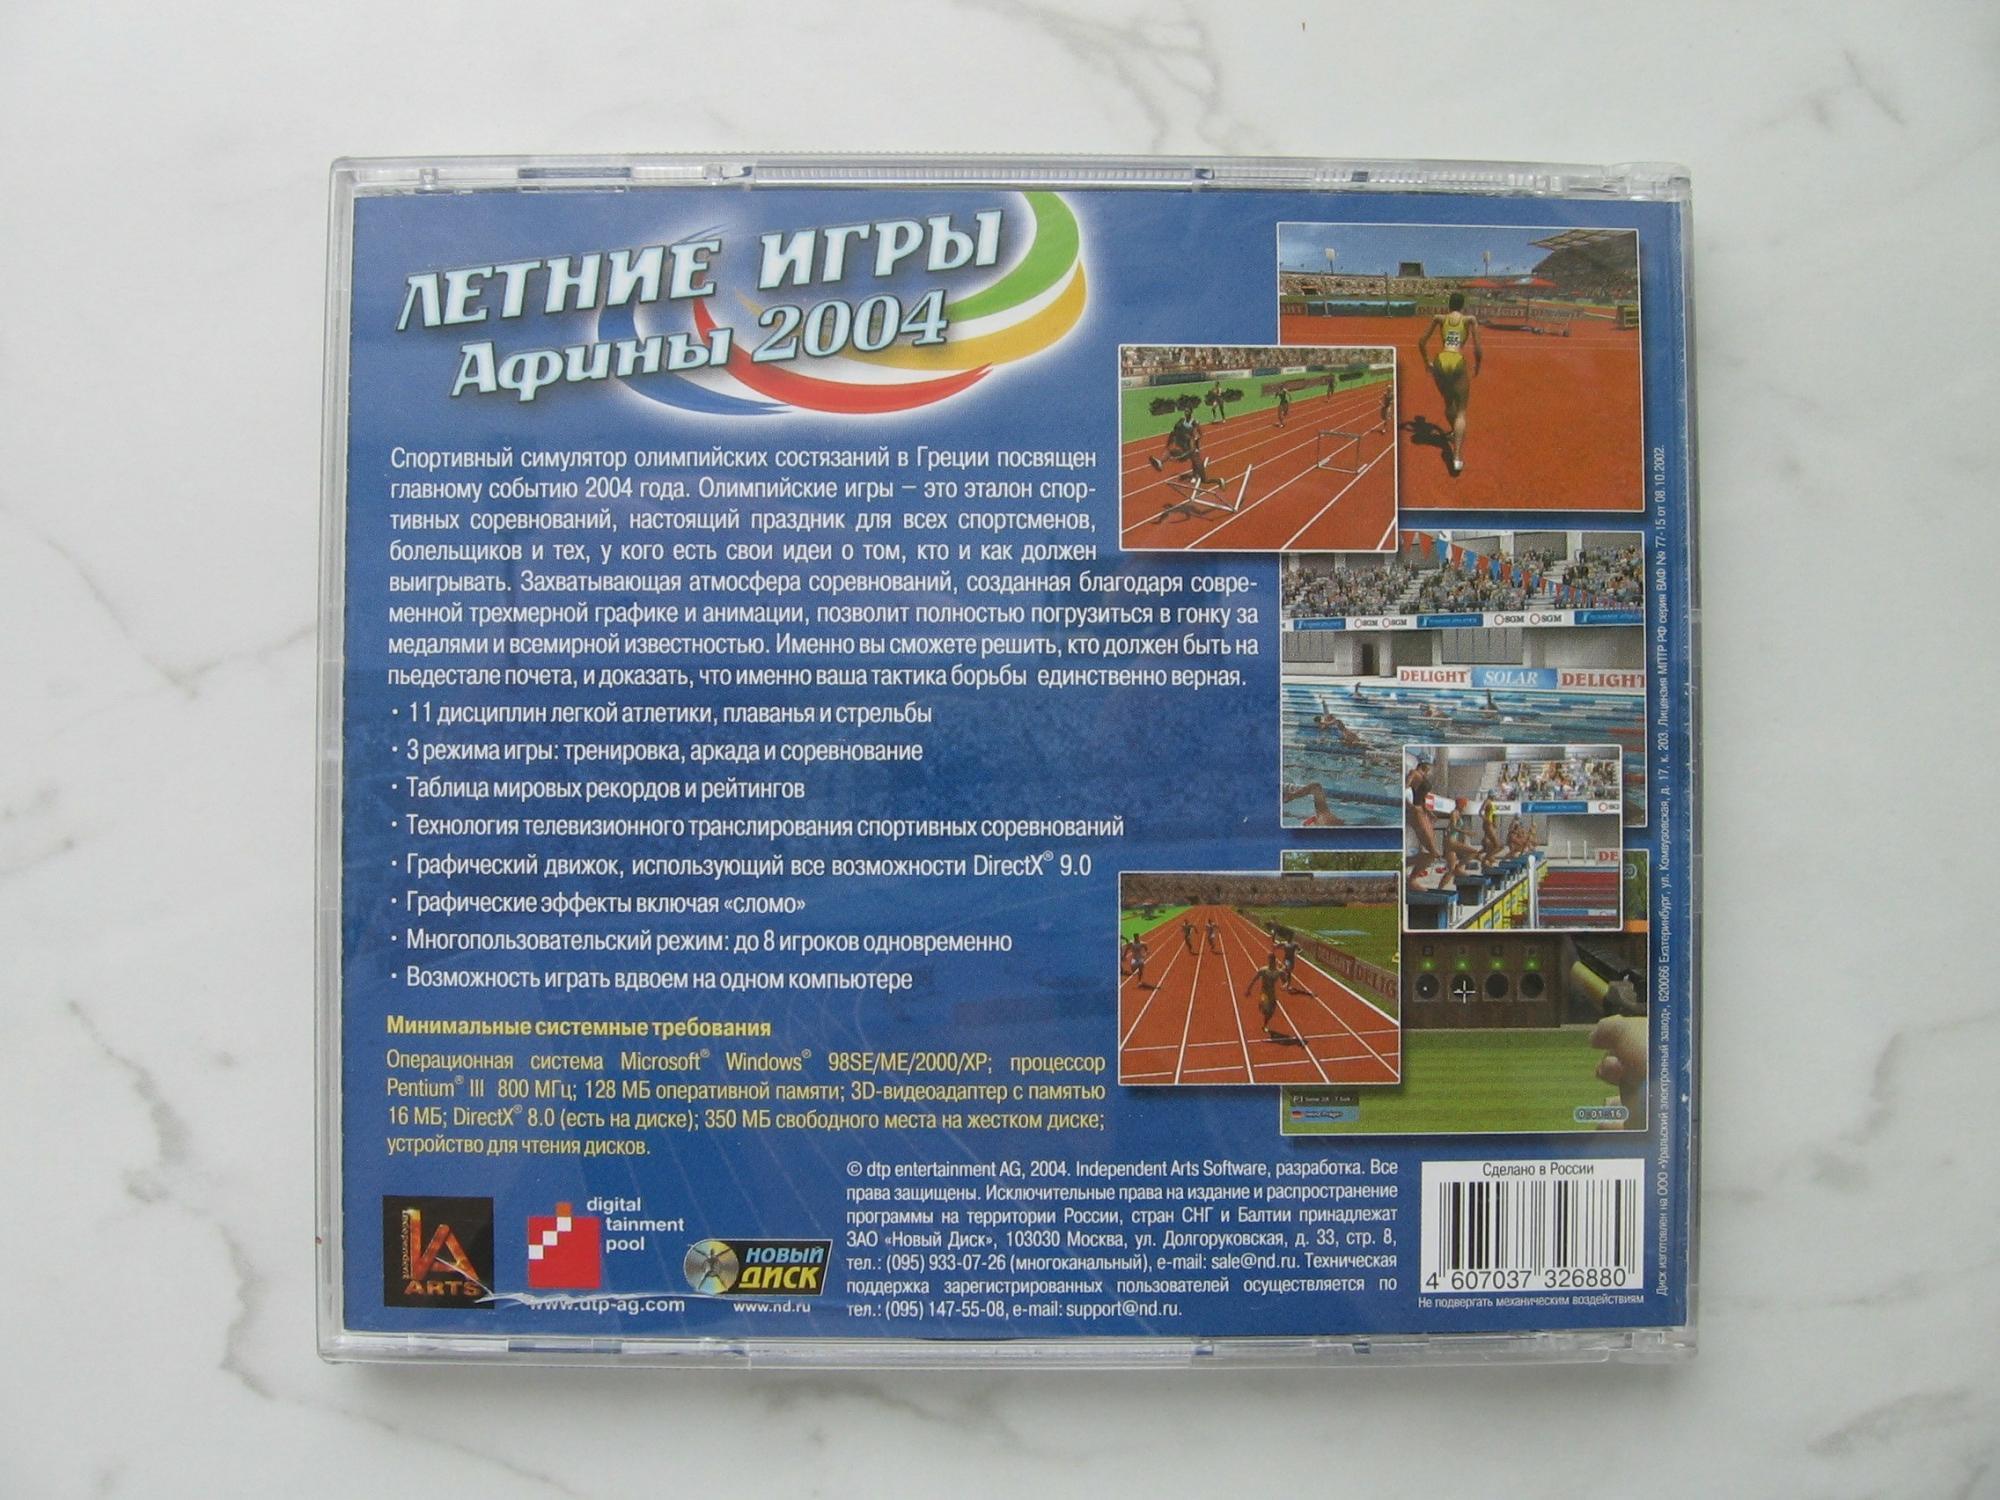 Игра Летние игры Афины 2004 89152130460 купить 3